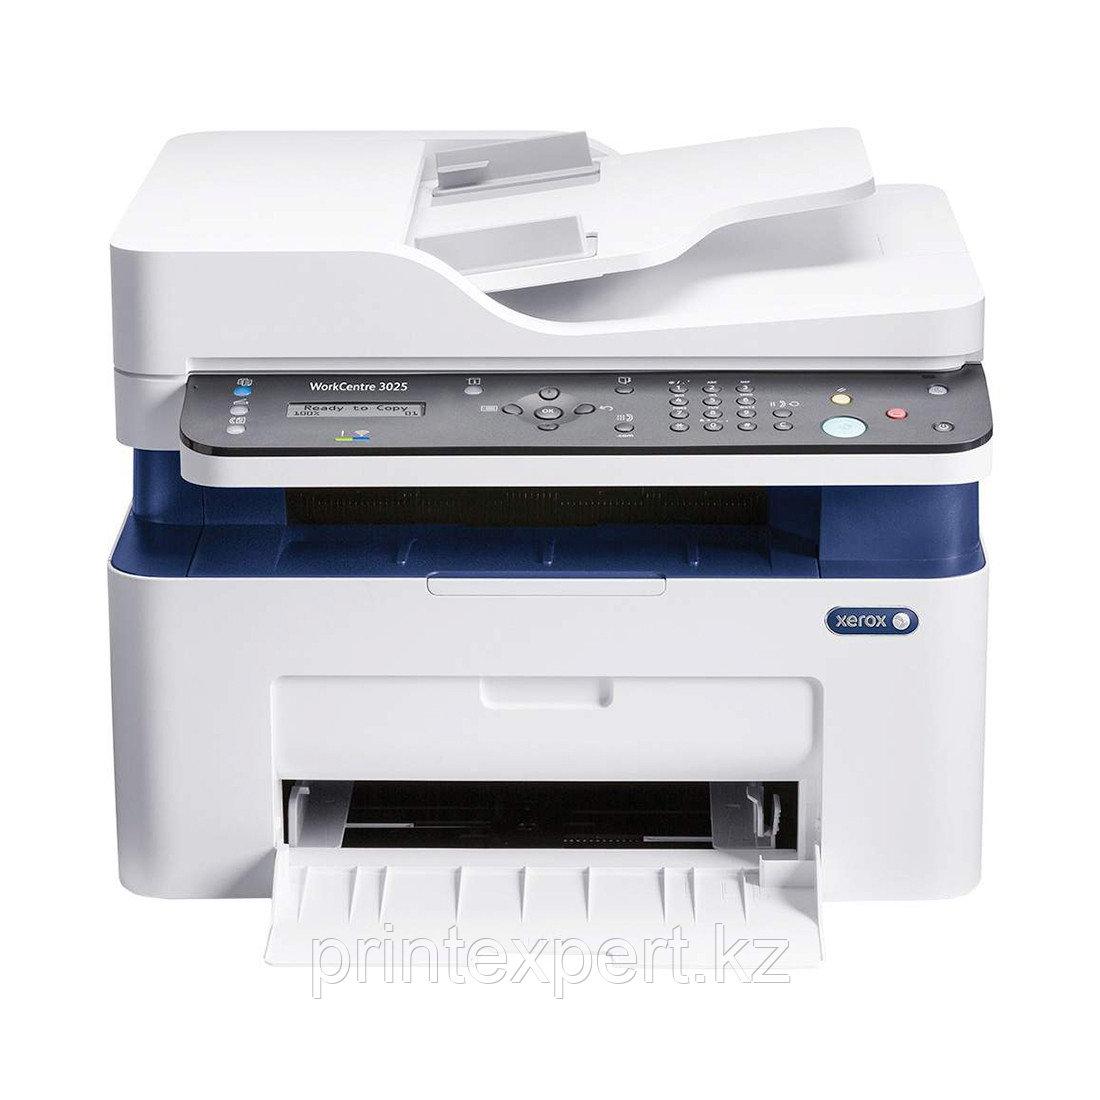 МФУ Xerox 3025NI